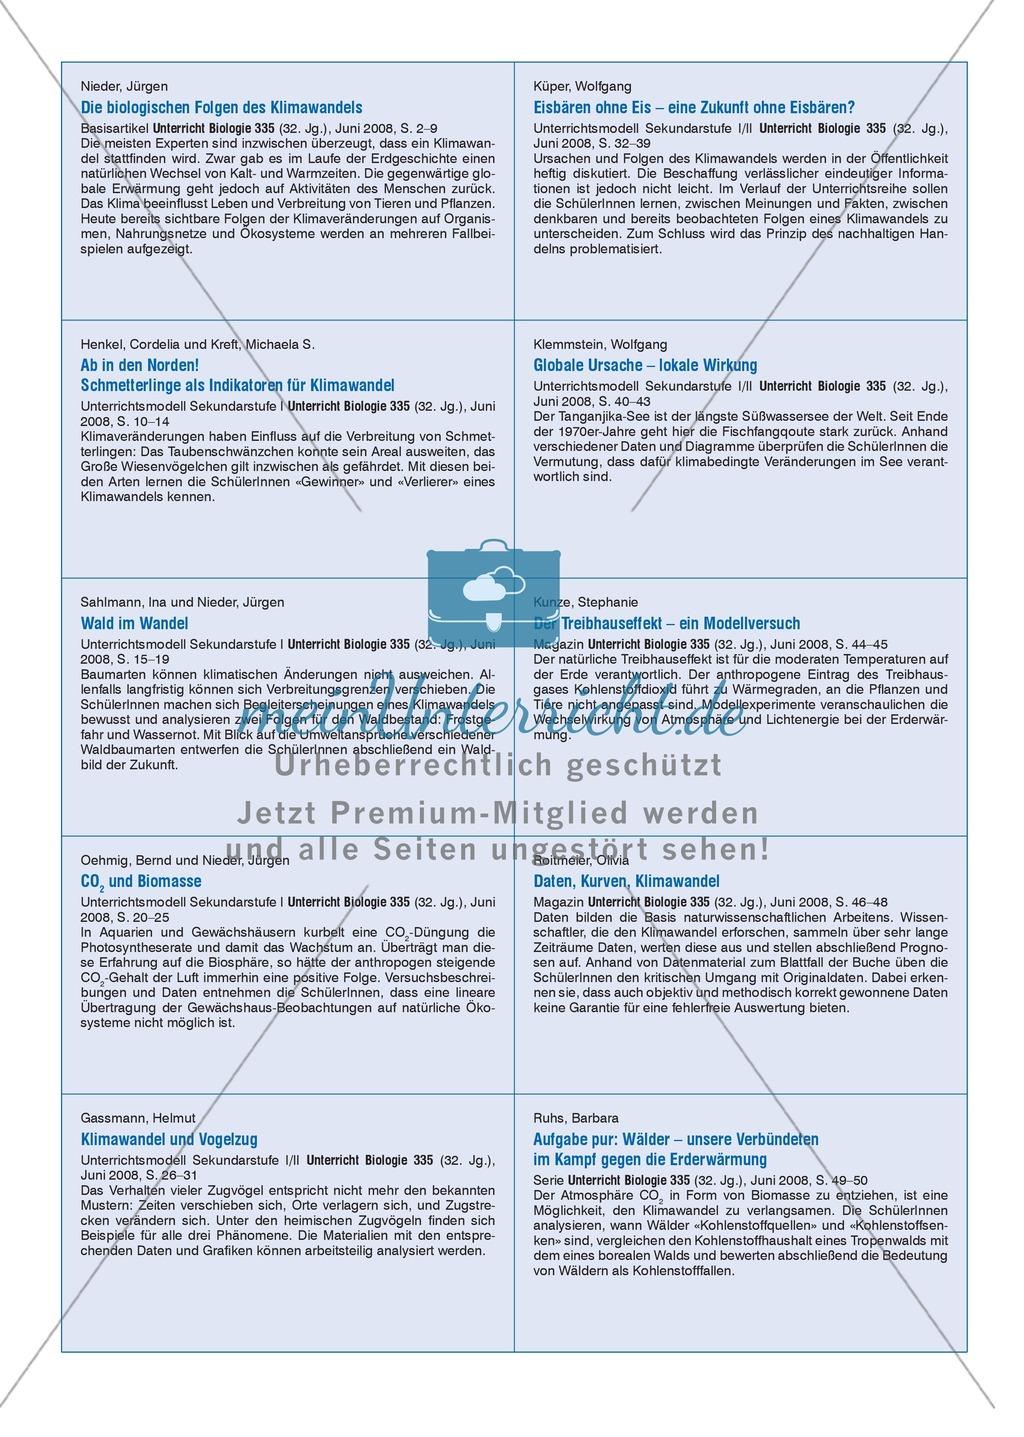 Der Treibhauseffekt - ein Modellversuch Preview 2